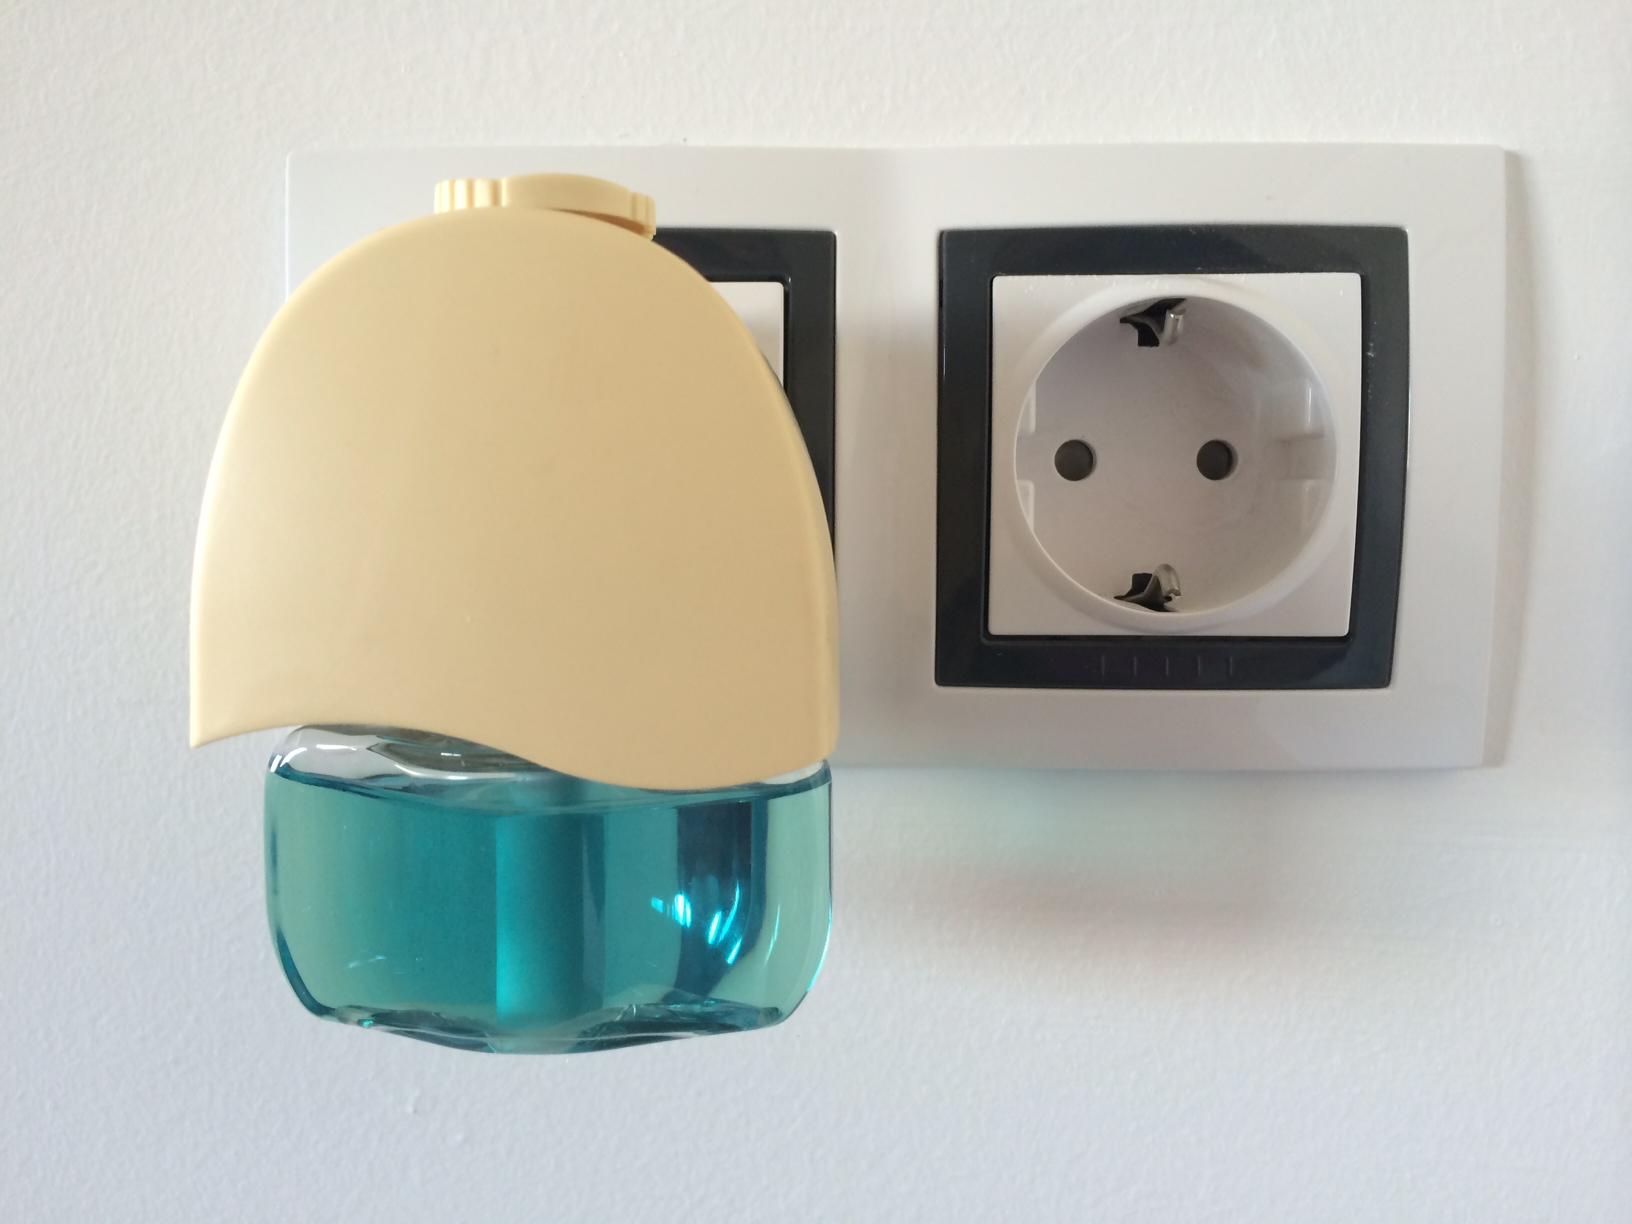 Ambientadores en la vivienda administro tu finca - Ambientadores para casa ...